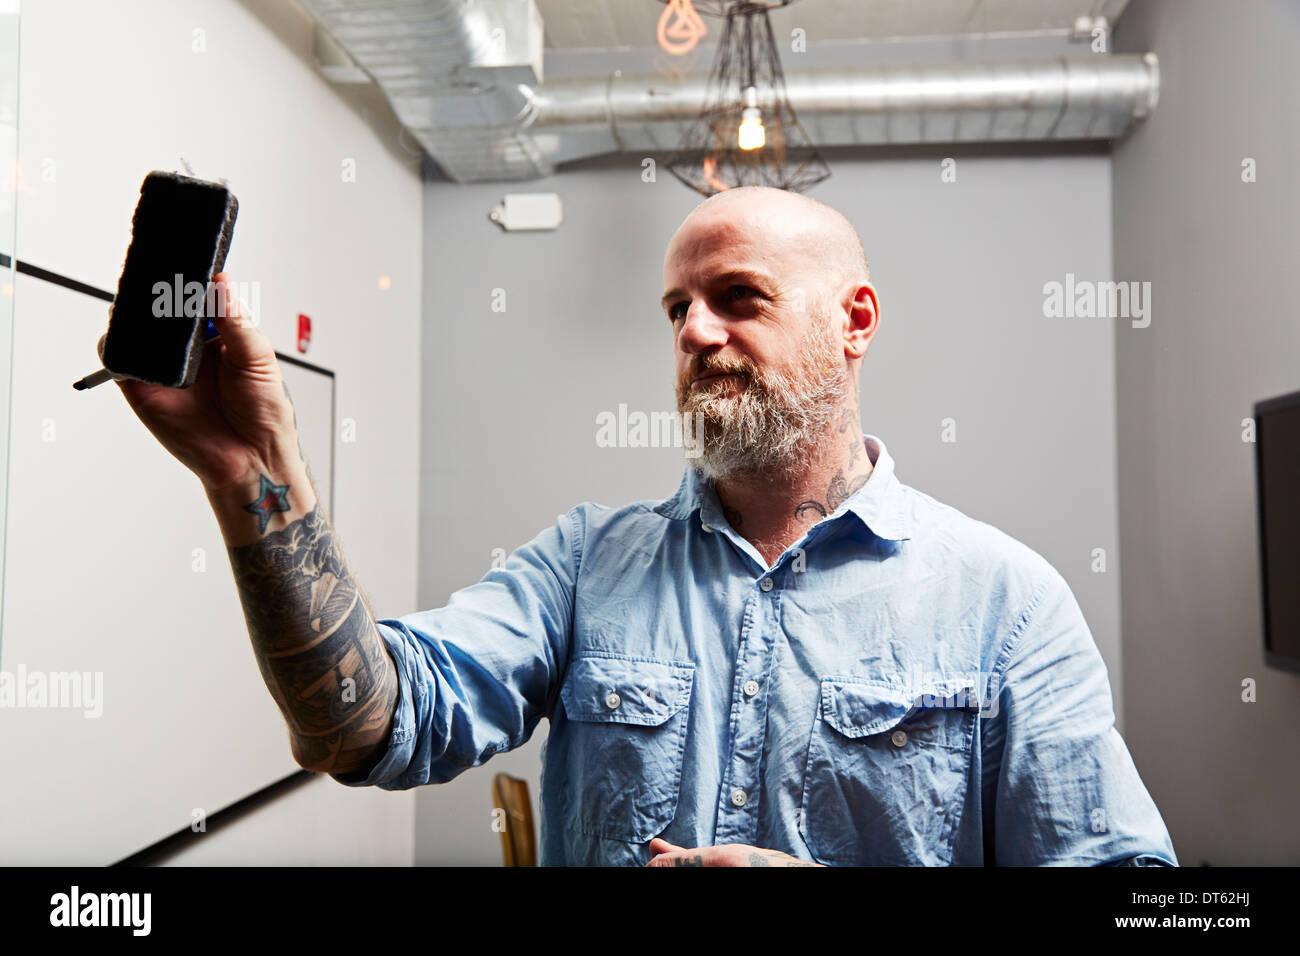 Homme mûr à l'aide de gomme de tableau blanc Photo Stock